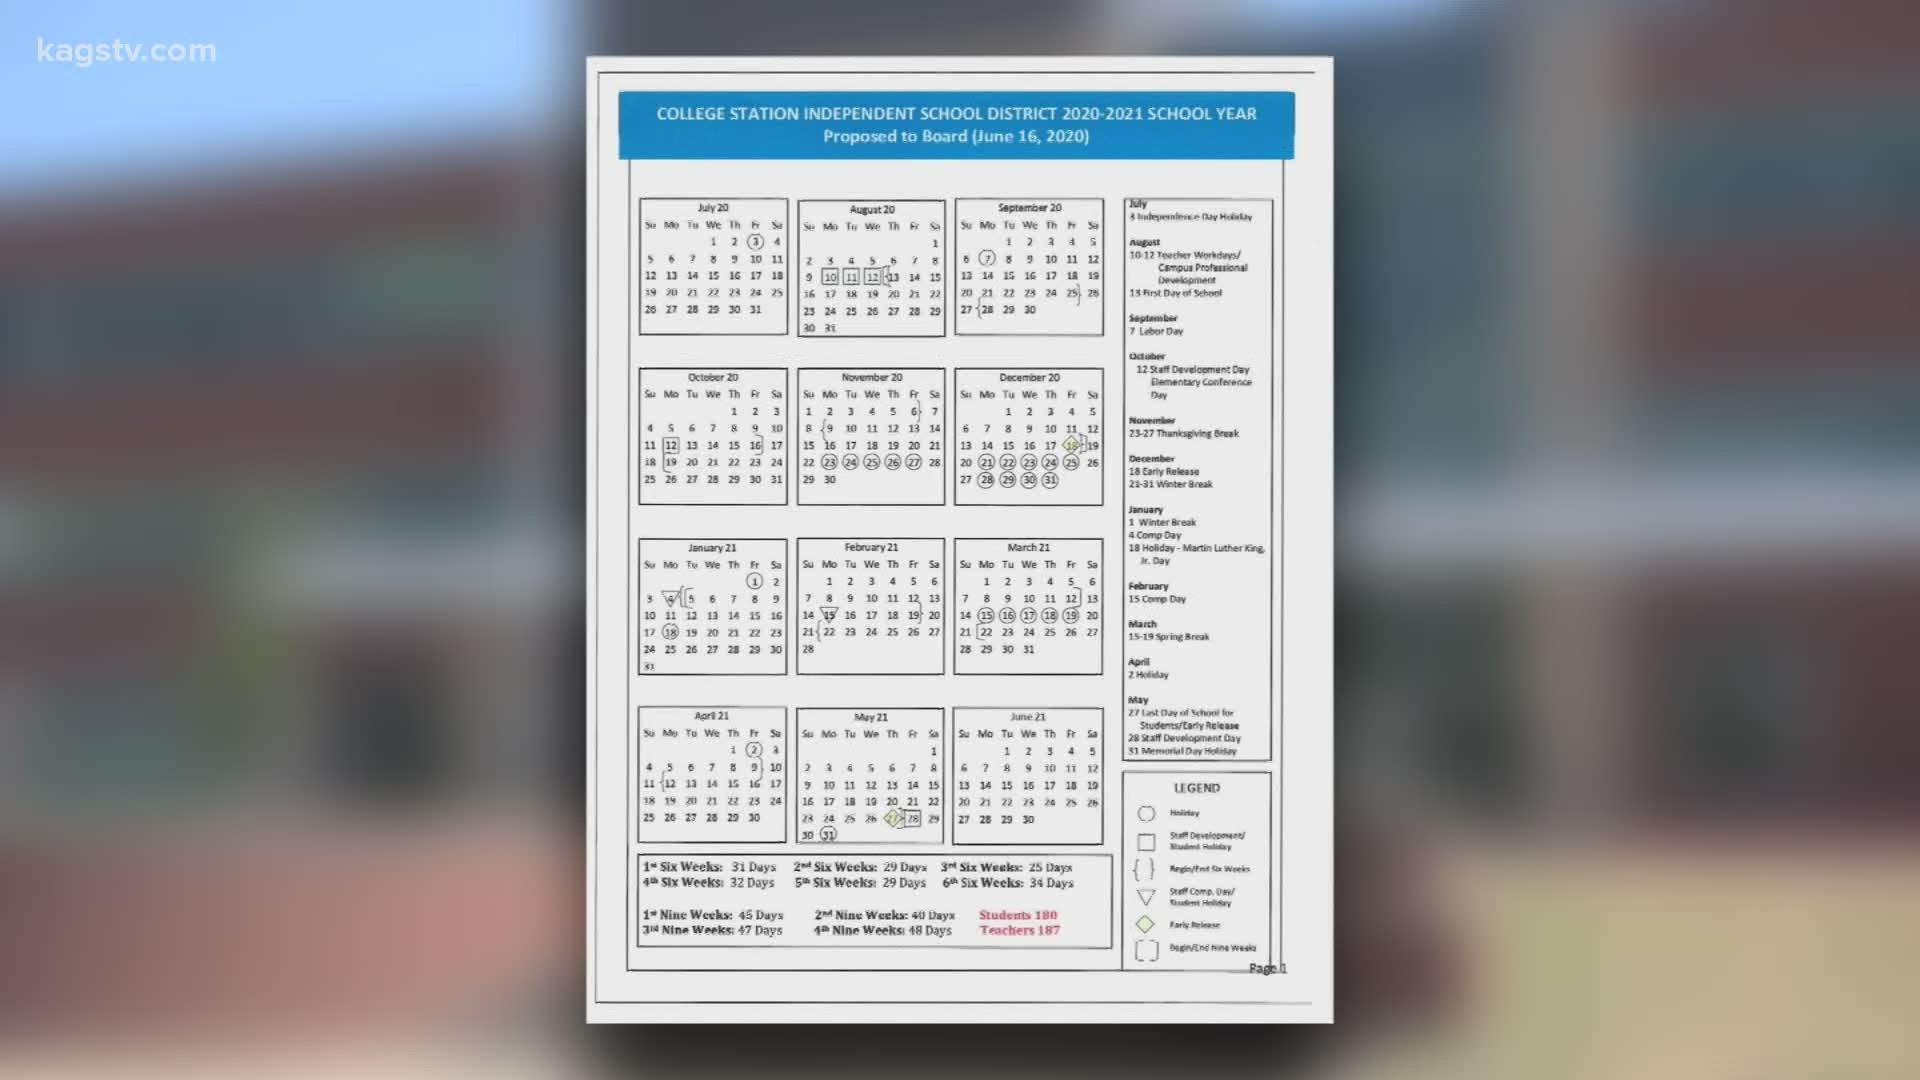 College Station ISD revises 2020 2021 calendar   wbir.com